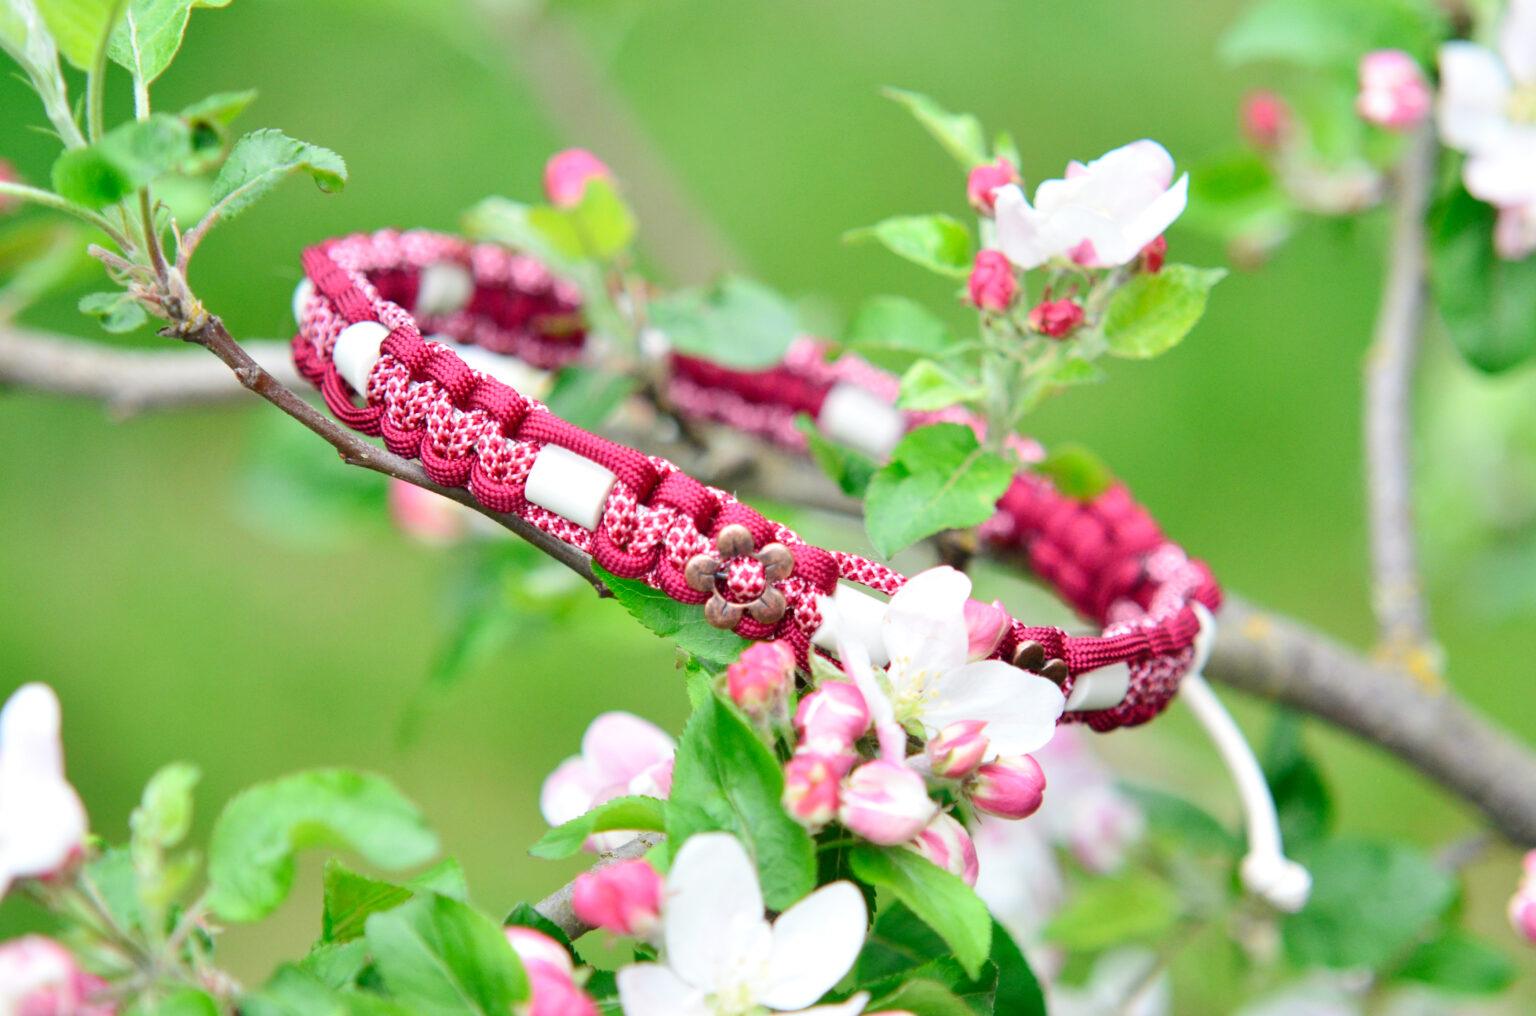 Neben den Keramikperlen trägt die hübsche Bella auch kupferfarbene Blumen an ihrem Zeckenhalsband.